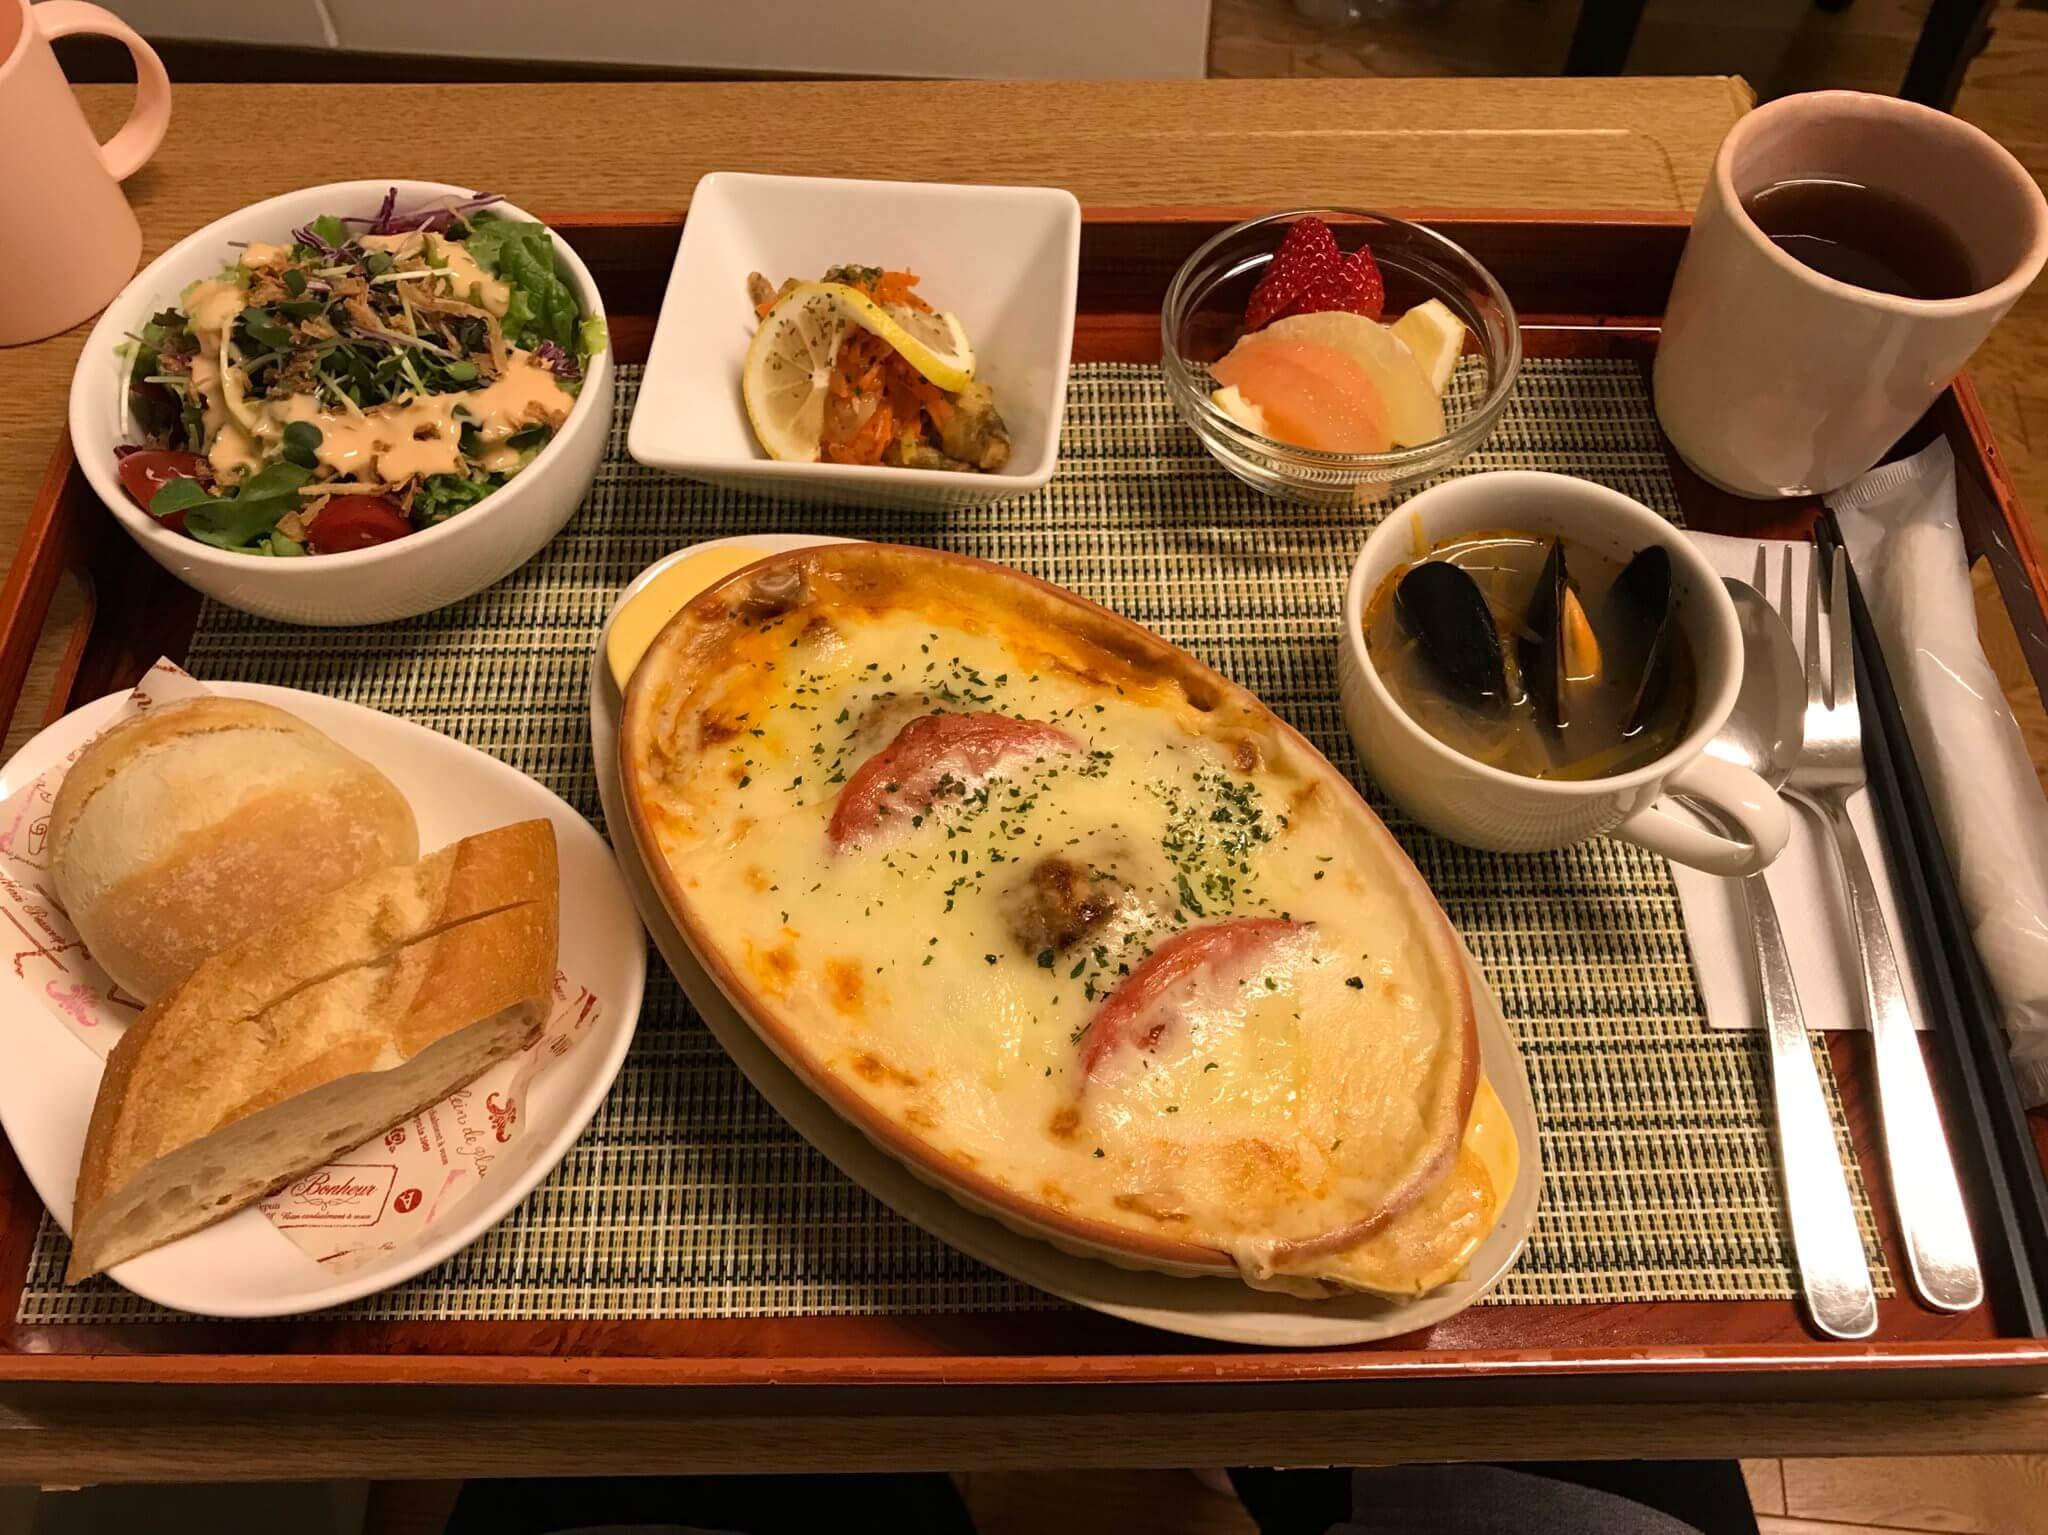 Japanese hospital food 18 (1)